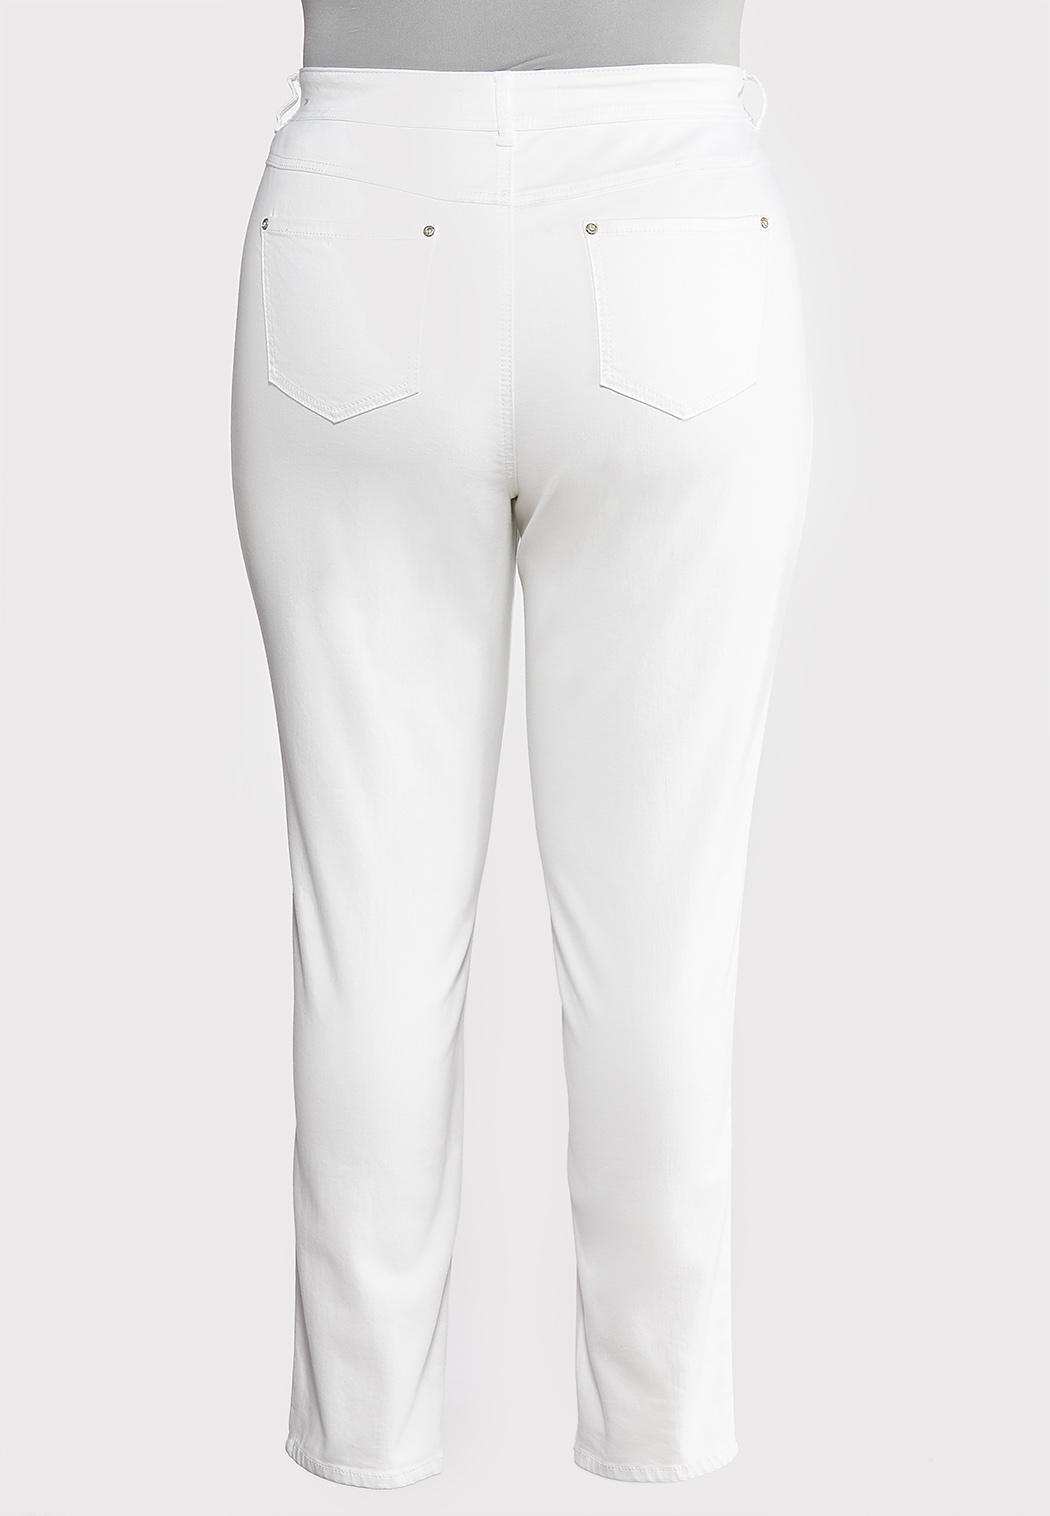 Plus Size Skinny Stretch Jeans (Item #43888921)